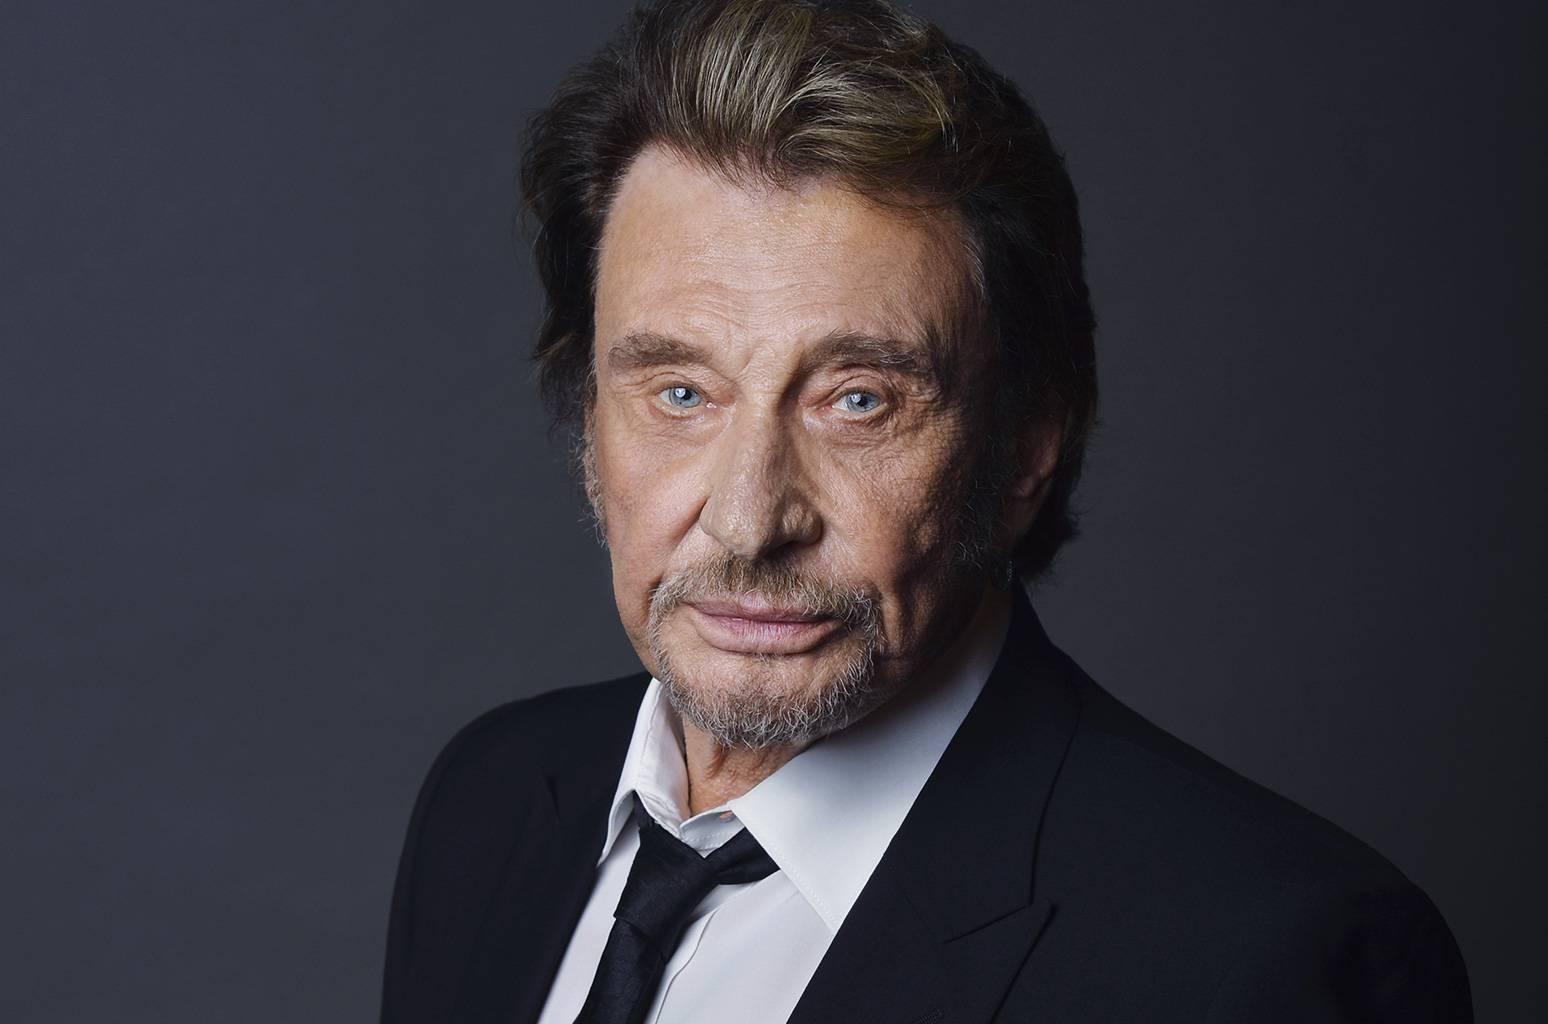 Johnny Hallyday - Miláček davů, který představil Francouzům rock'n'roll